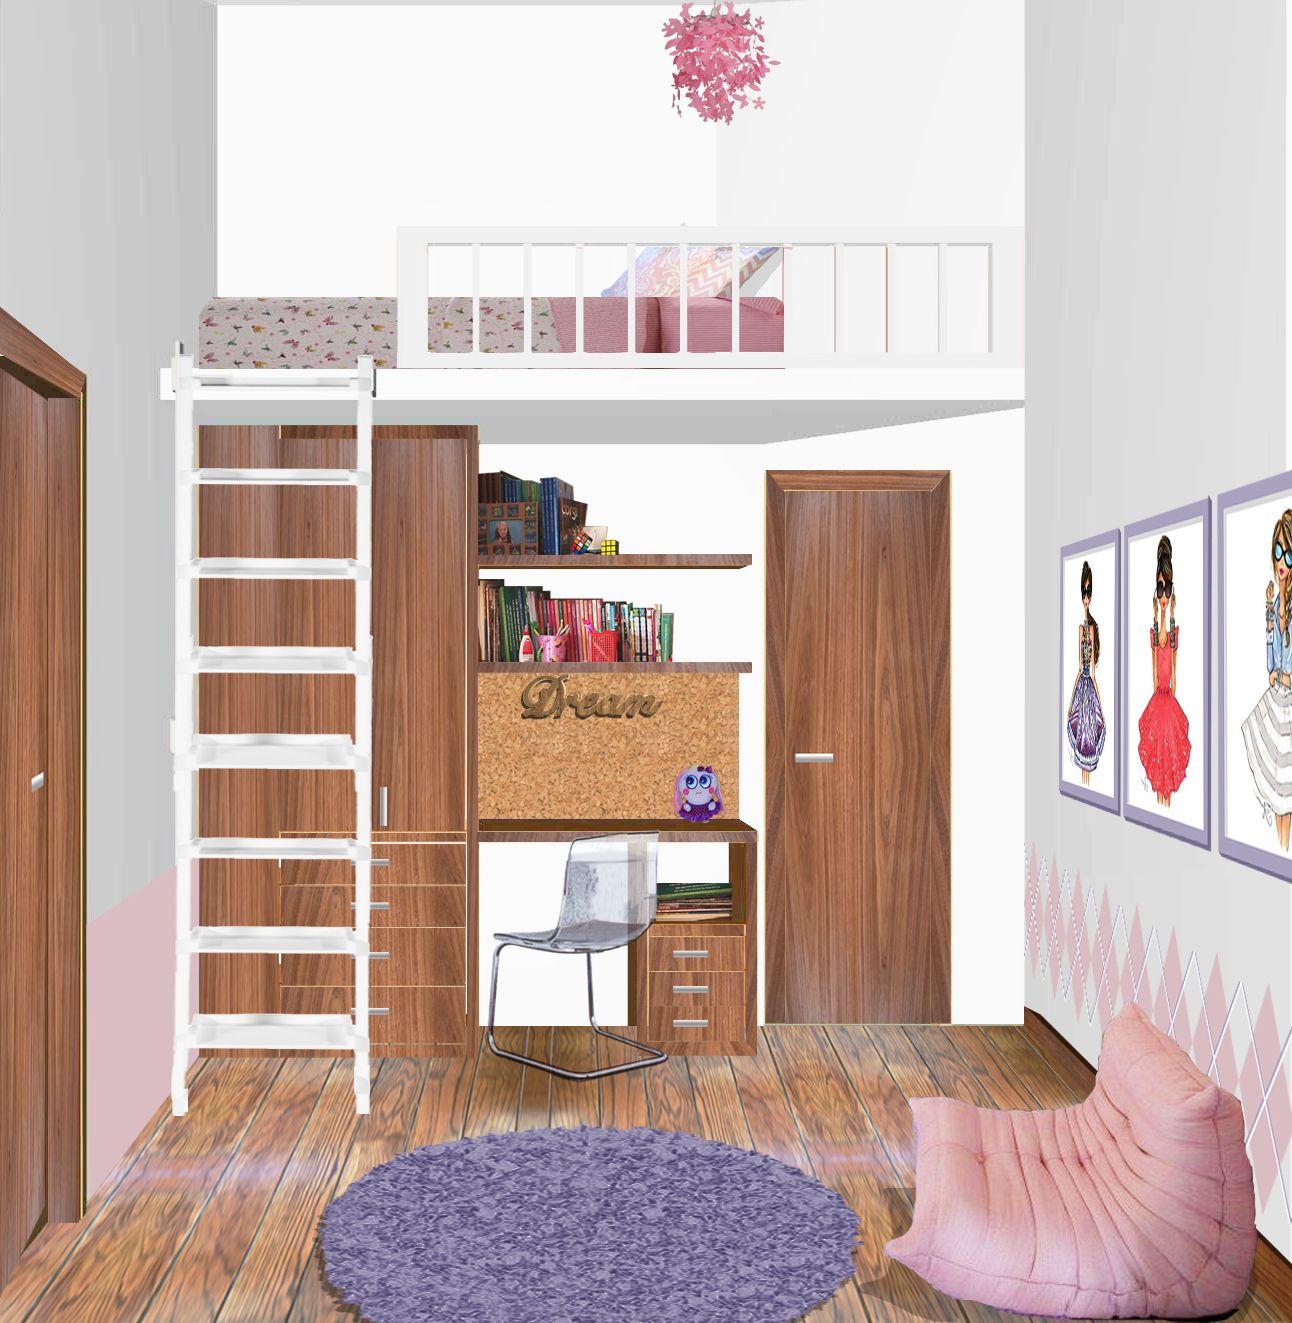 Dise o de recamara en espacio peque o small space design Recamaras para ninos en espacios pequenos